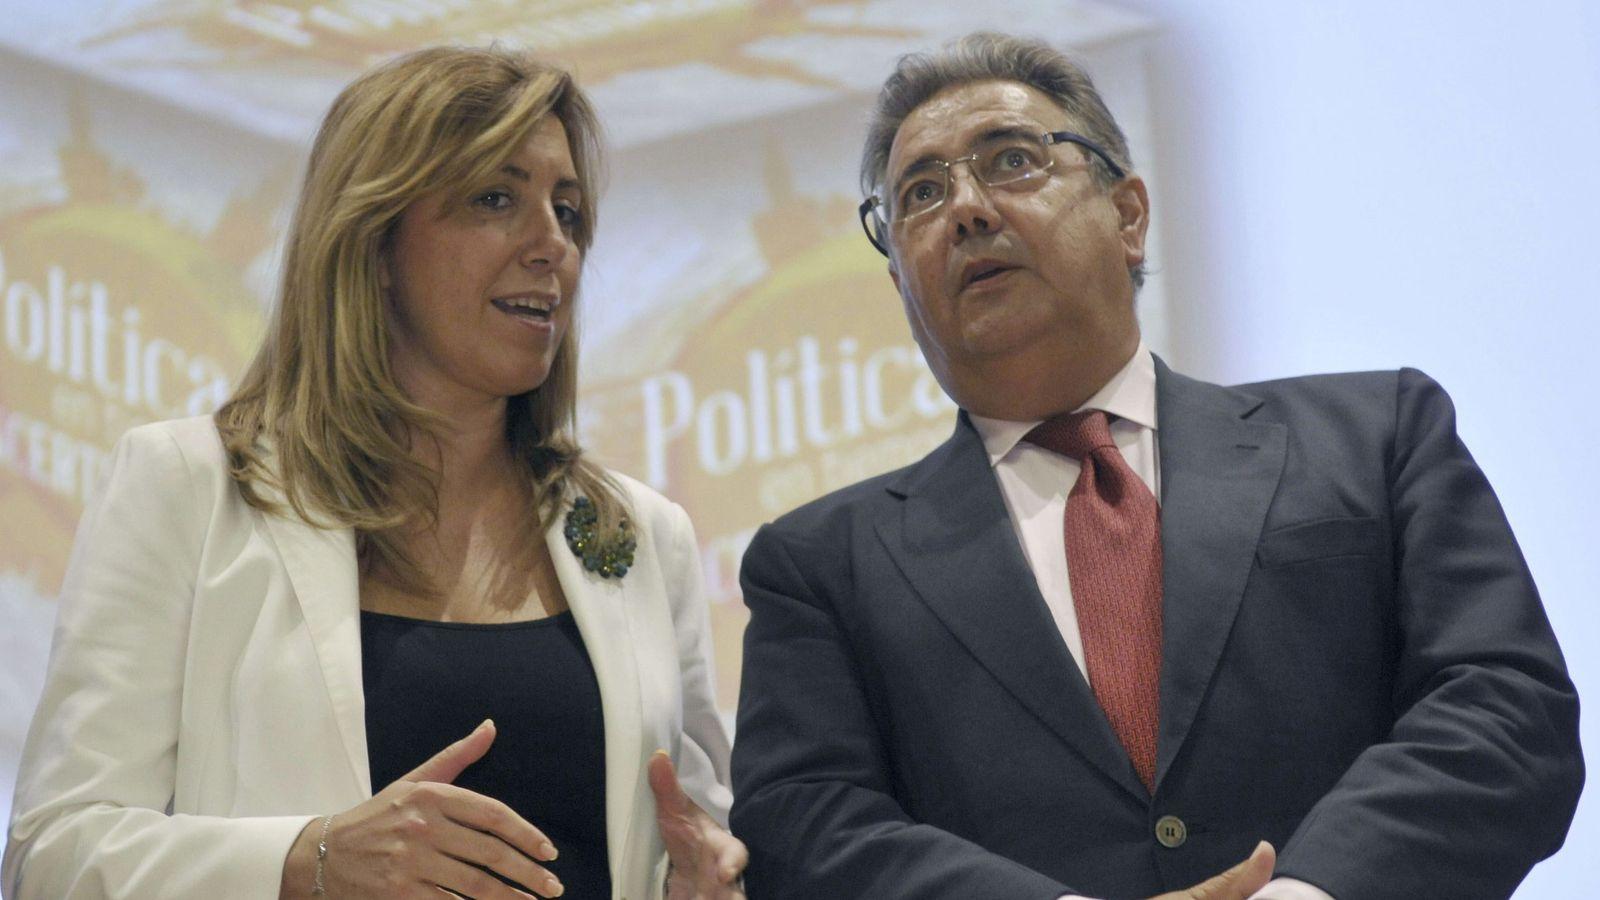 Foto: La presidenta de la Junta de Andalucia, Susana Díaz, y el ministro del Interior, Juan Ignacio Zoido. (EFE)